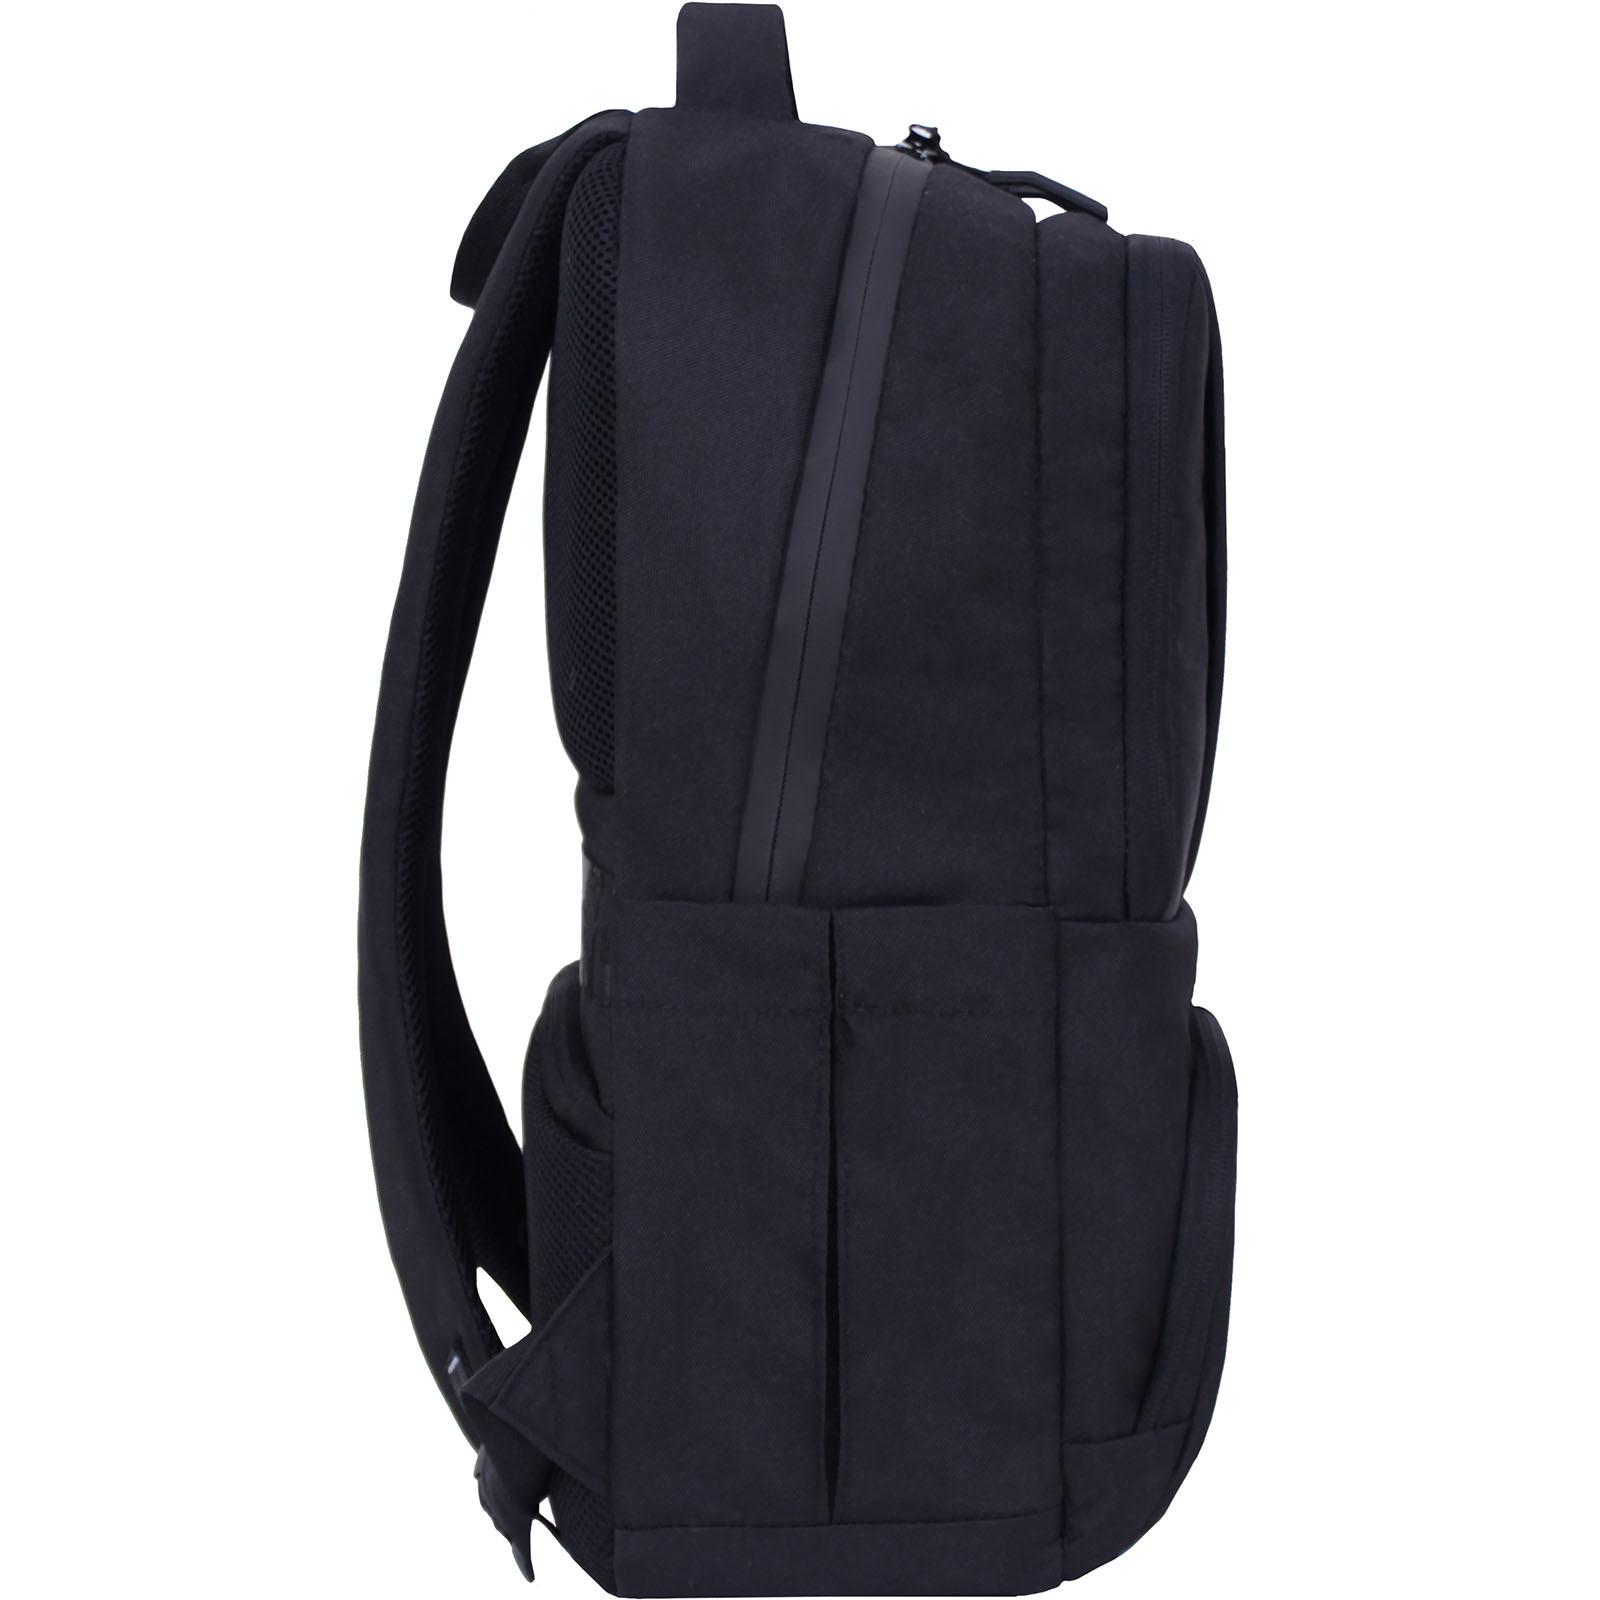 Рюкзак школьный Bagland STARK черный (0014366) фото 2